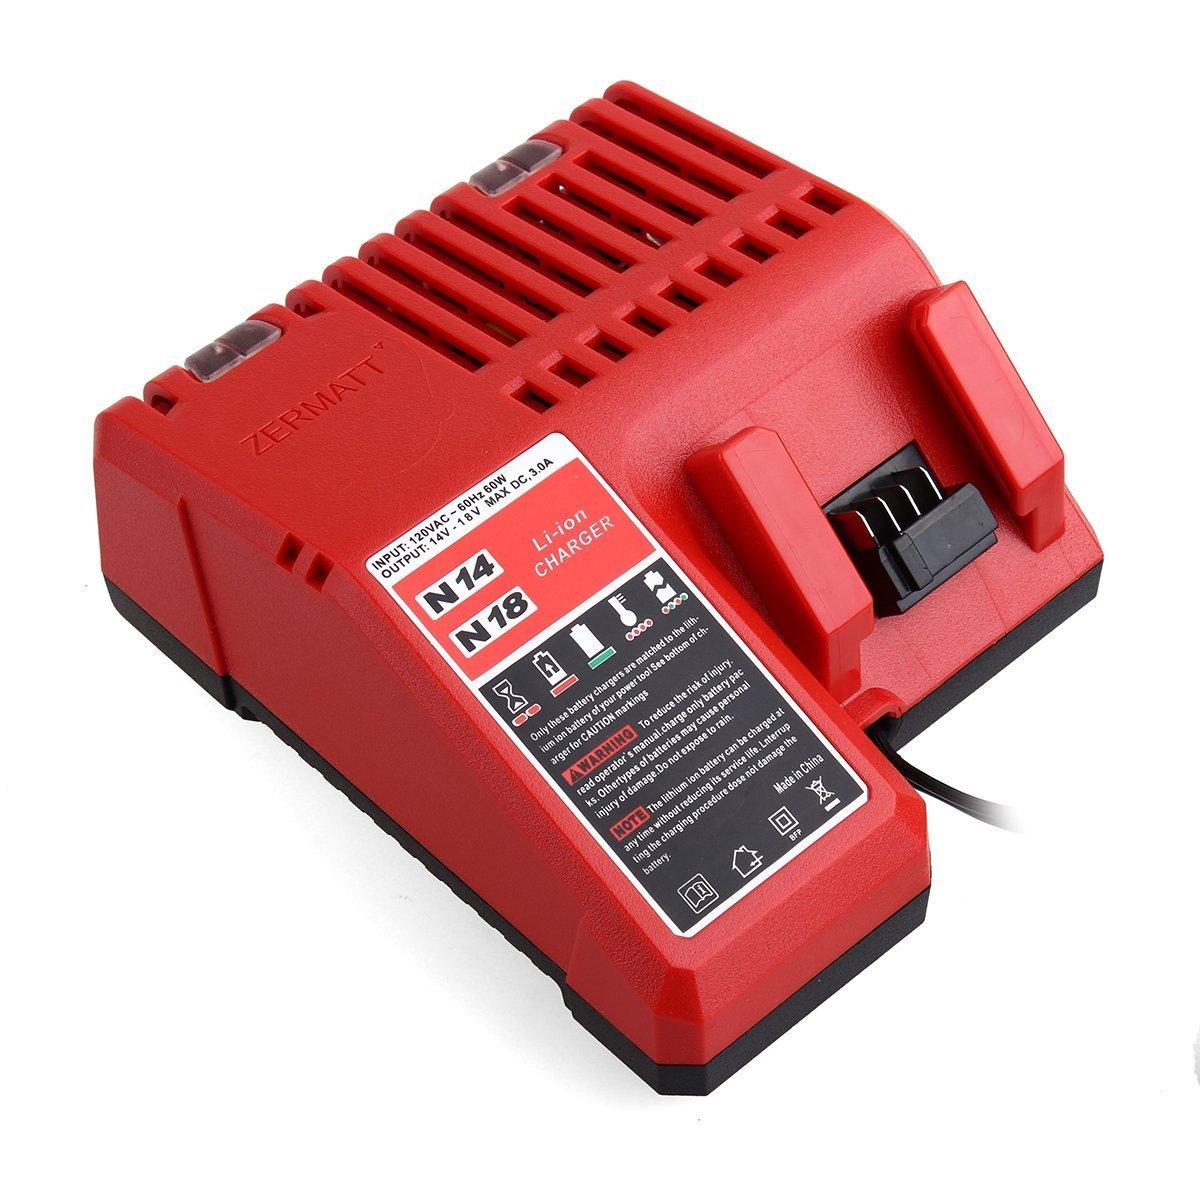 48-59-1840 14,4-18 V Li-ion Lot de 2 batteries M1850 18V 5,0Ah avec chargeur pour Milwaukee M18 48-59-1812 48-59-1807 48-59-1806